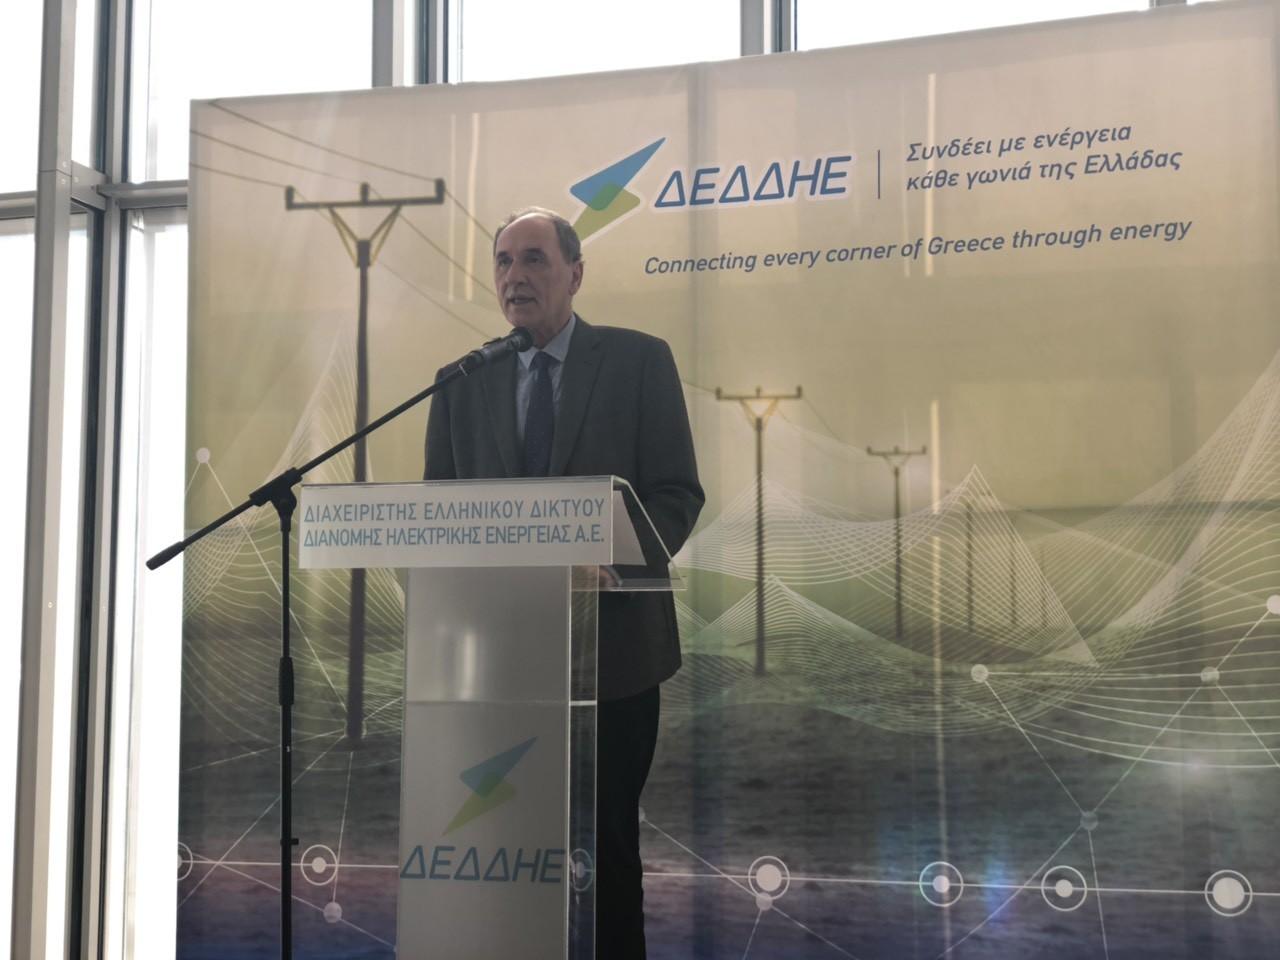 """Γ. Σταθάκης: """"Μακρόπνοος εθνικός ενεργειακός σχεδιασμός για πρώτη φορά"""""""